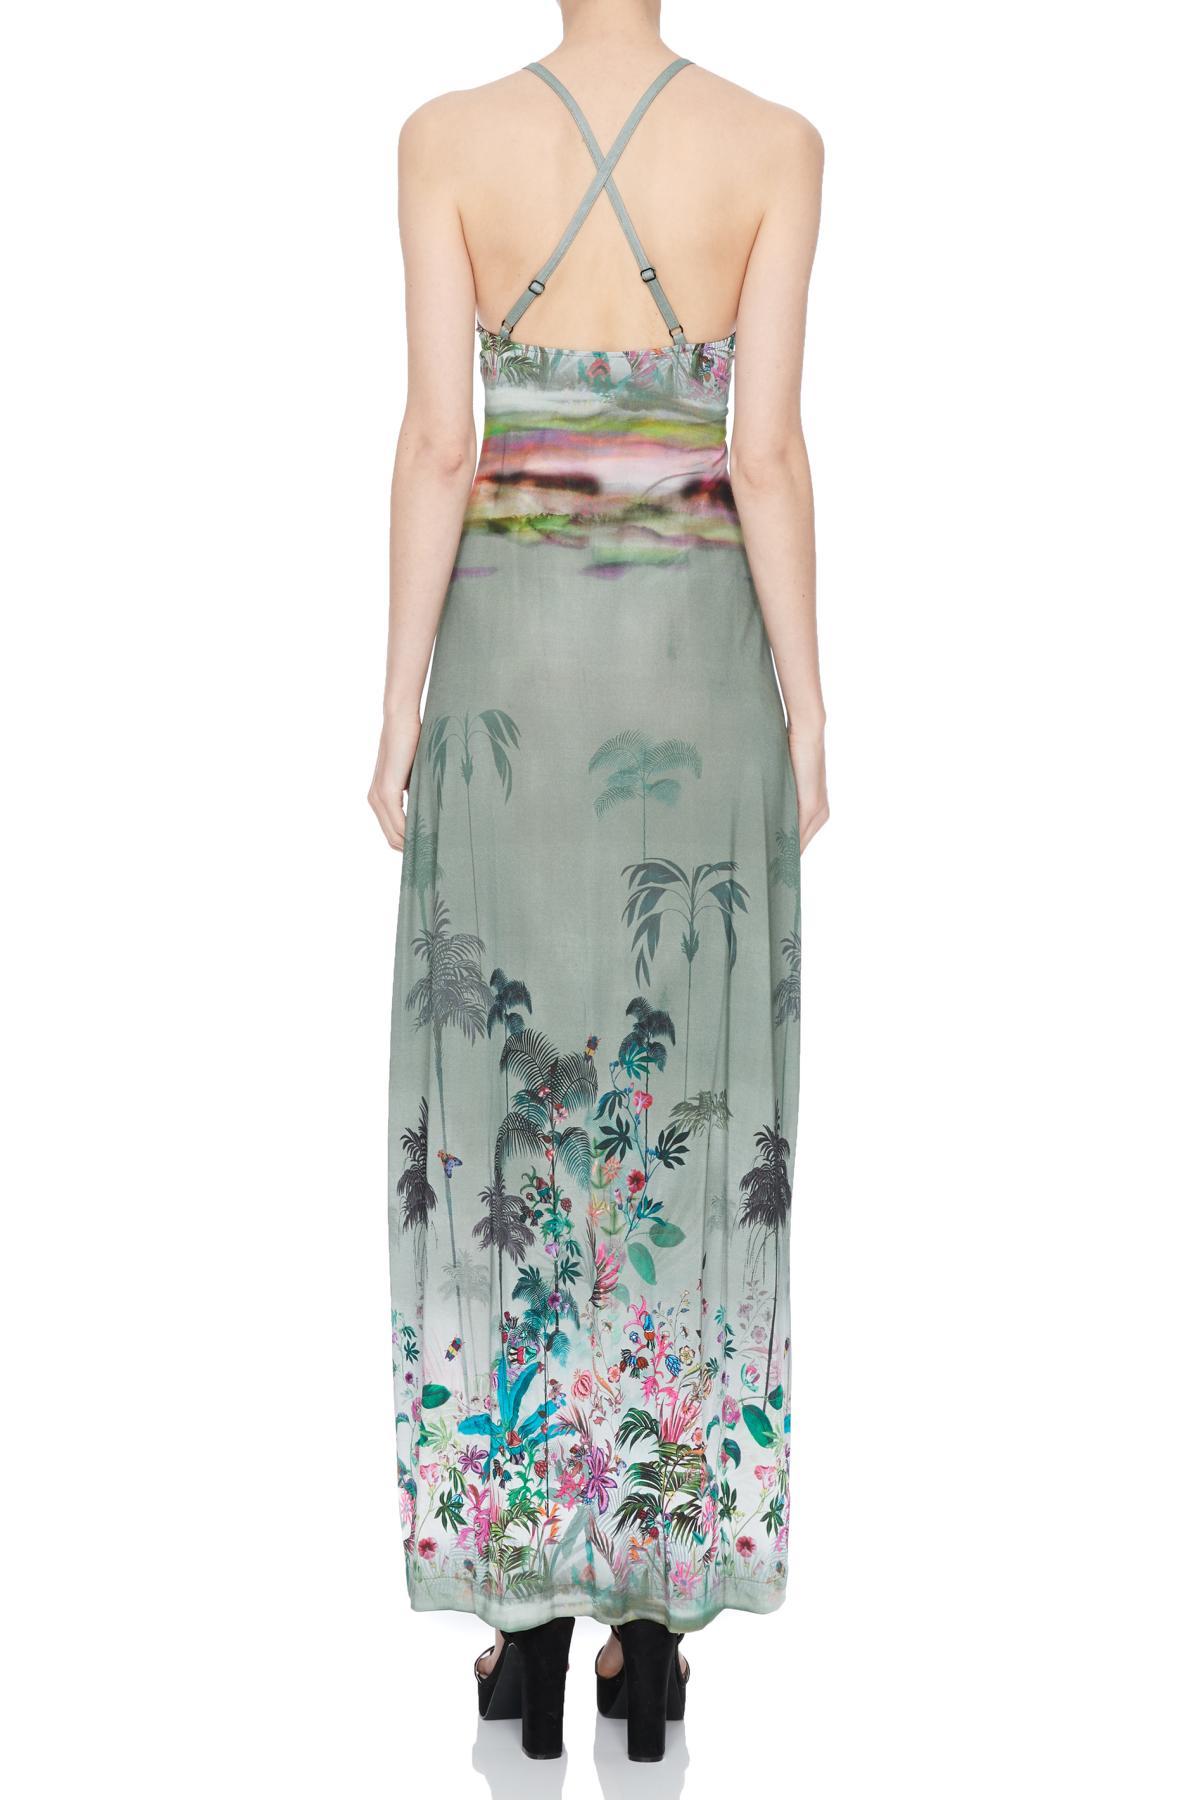 Rear view of Ana Alcazar Maxi Dress Nizany  worn by model